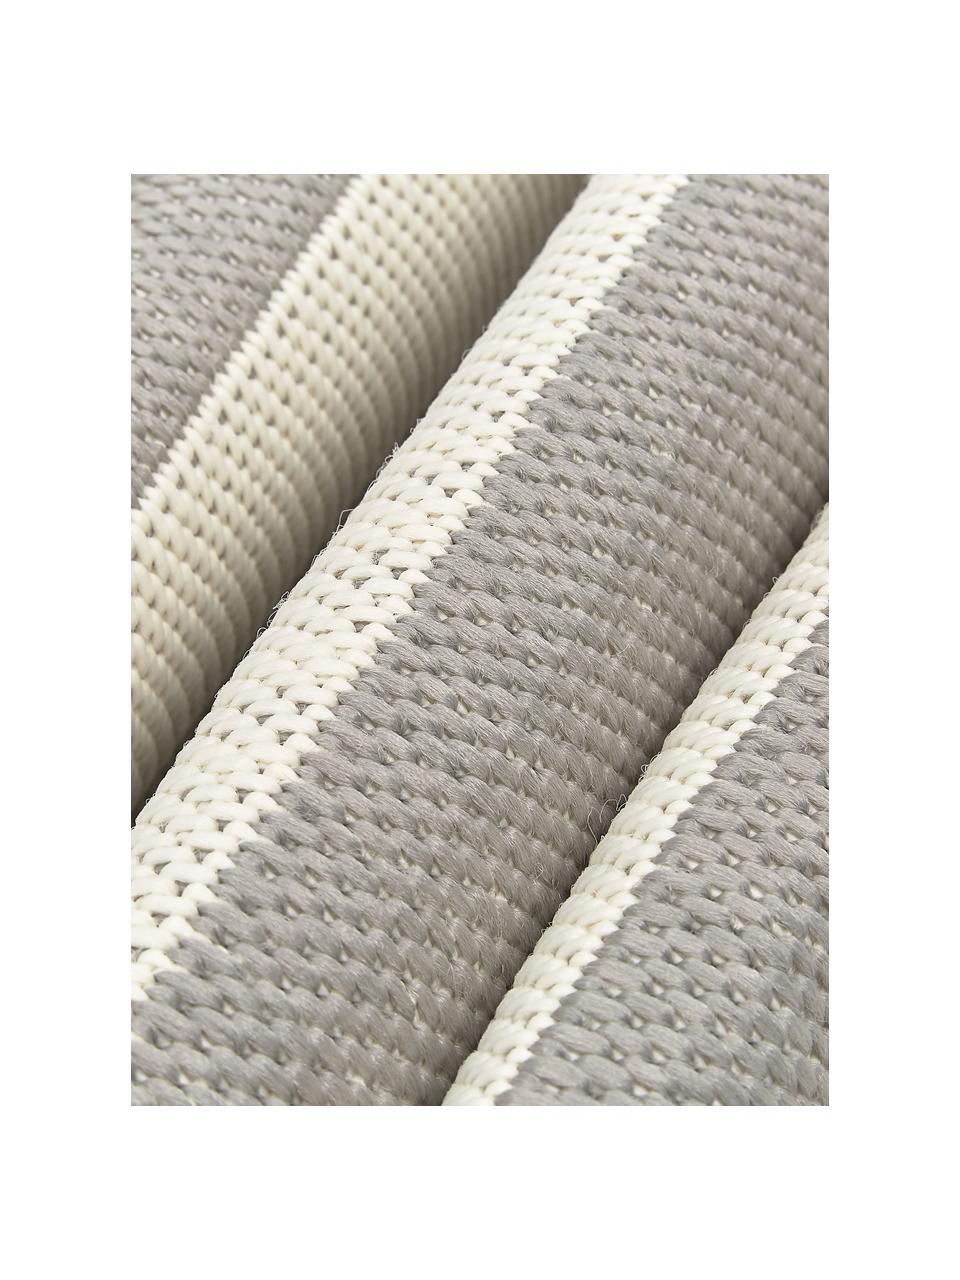 Gestreept in- & outdoor vloerkleed Axa in grijs/wit, 86% polypropyleen, 14% polyester, Crèmewit, grijs, B 200 x L 290 cm (maat L)